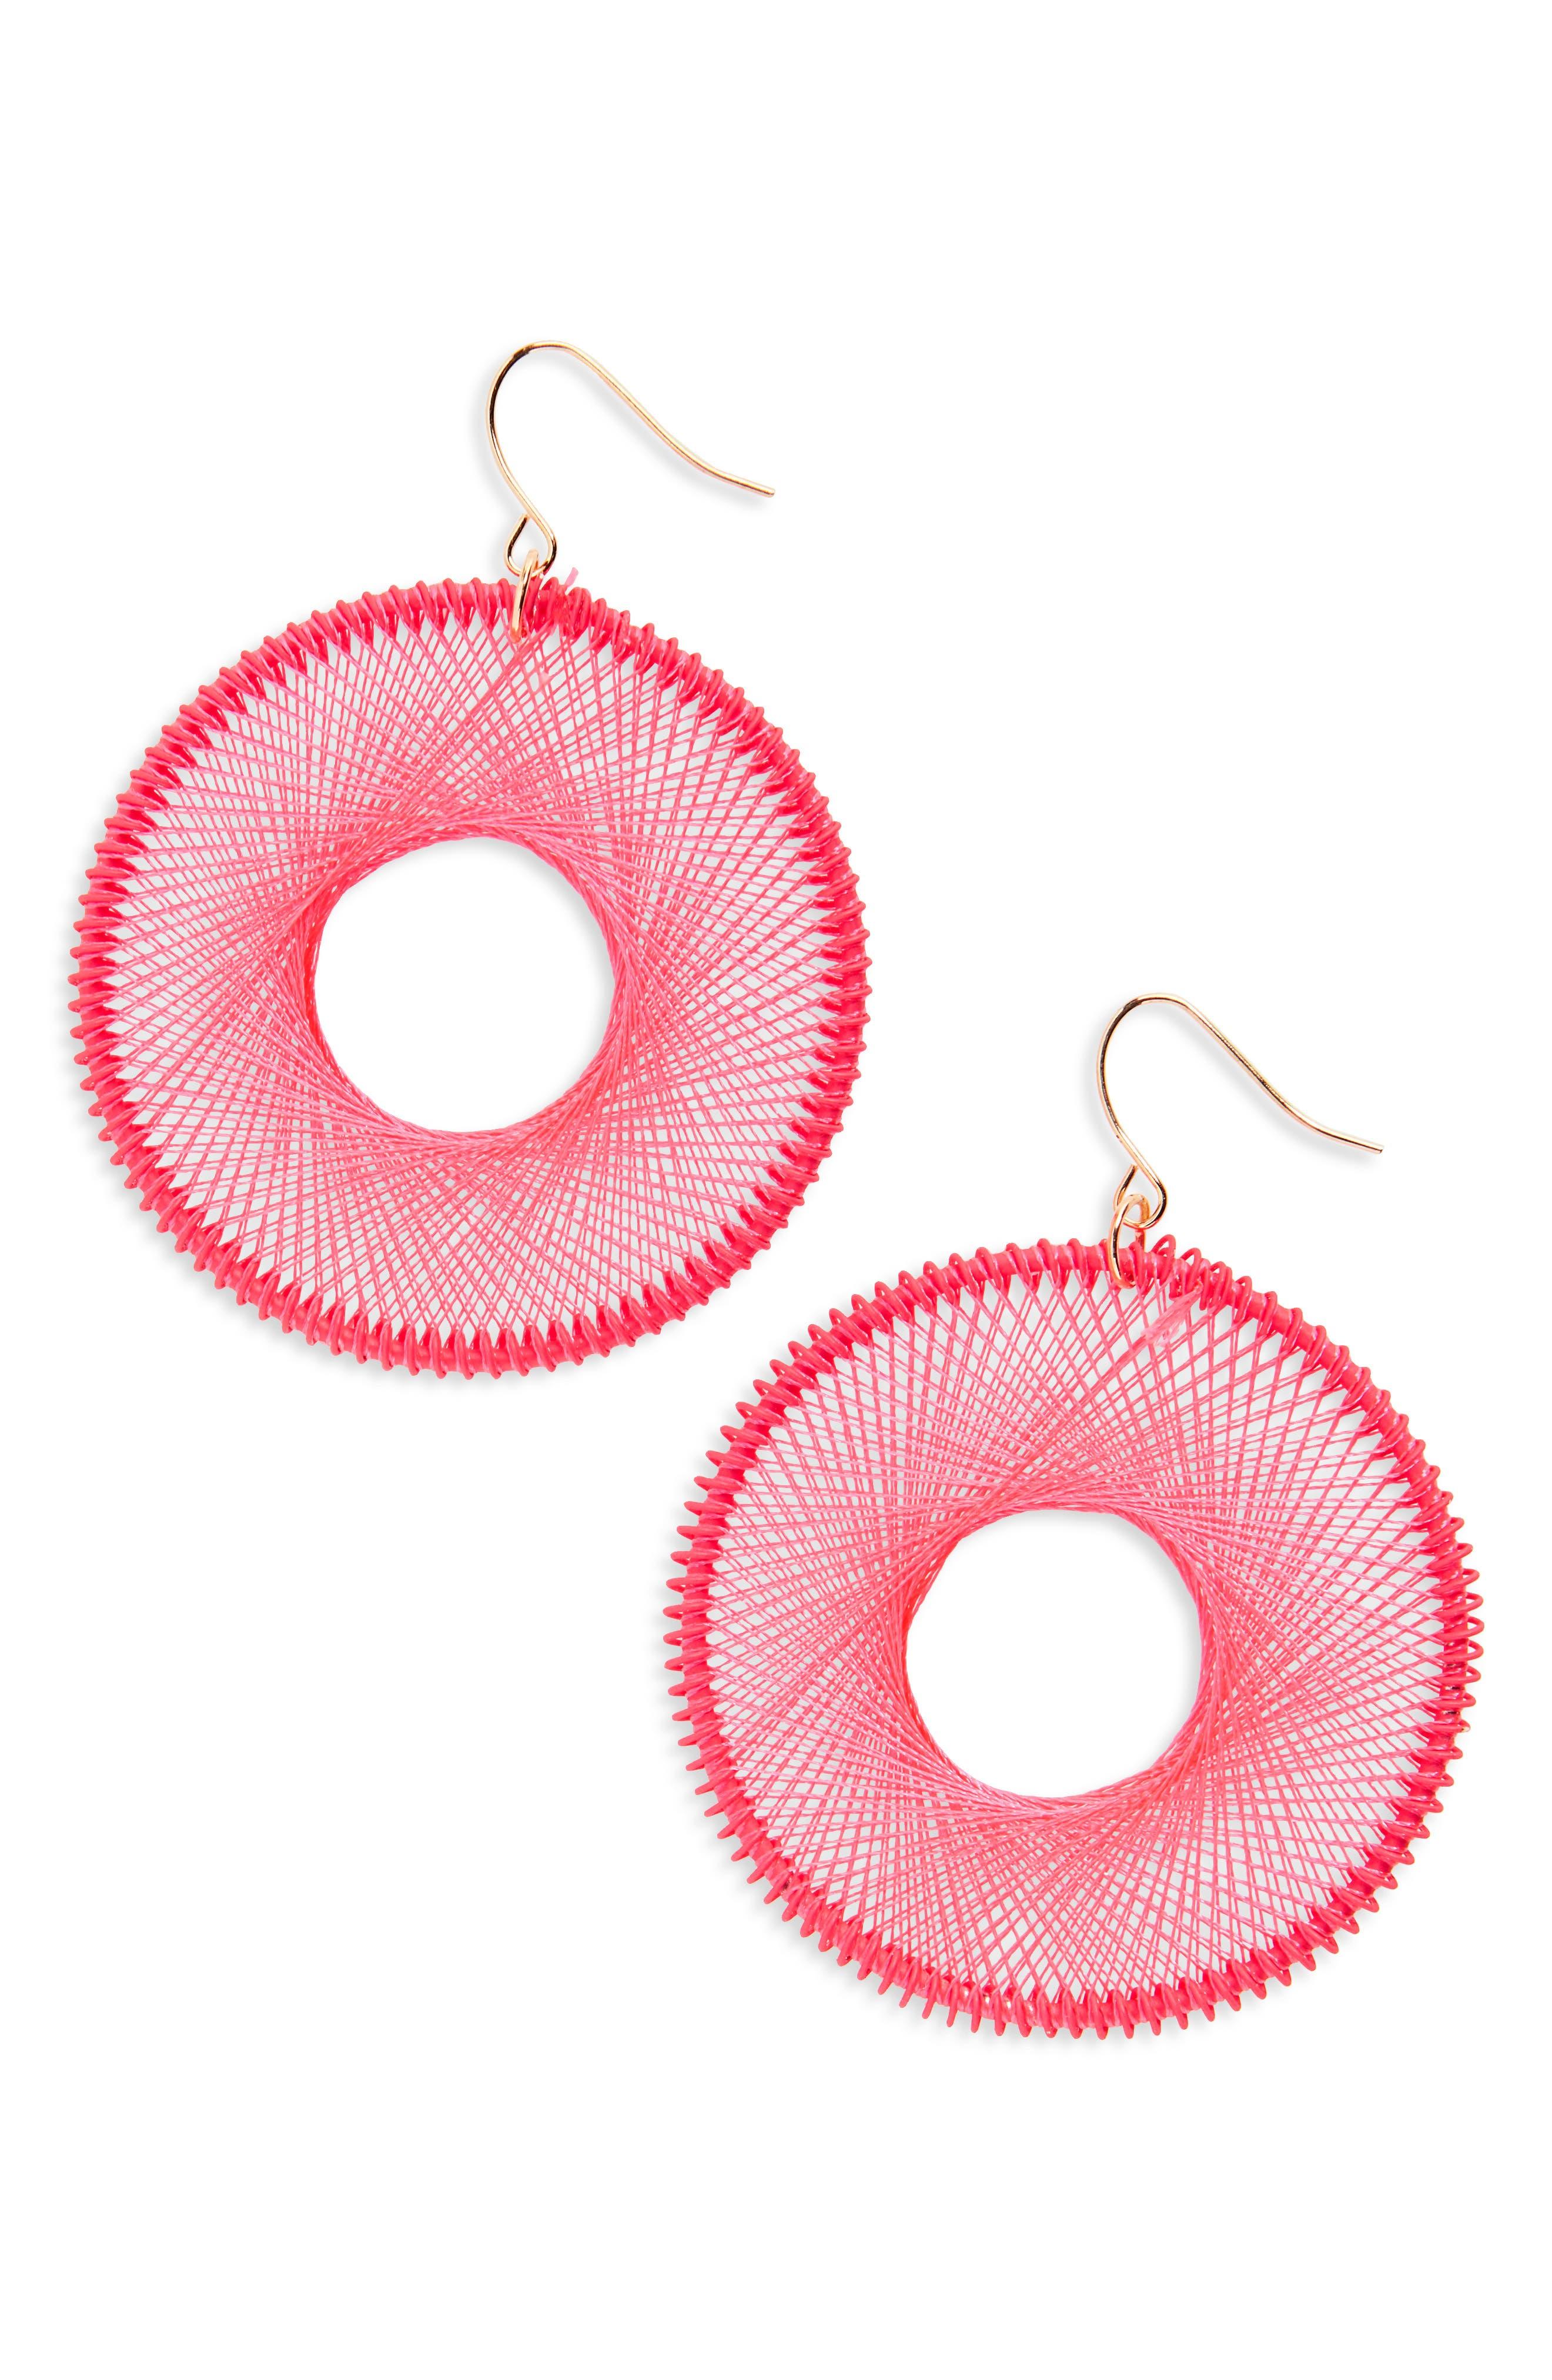 Silk Thread Hoop Earrings,                         Main,                         color, Hot Pink